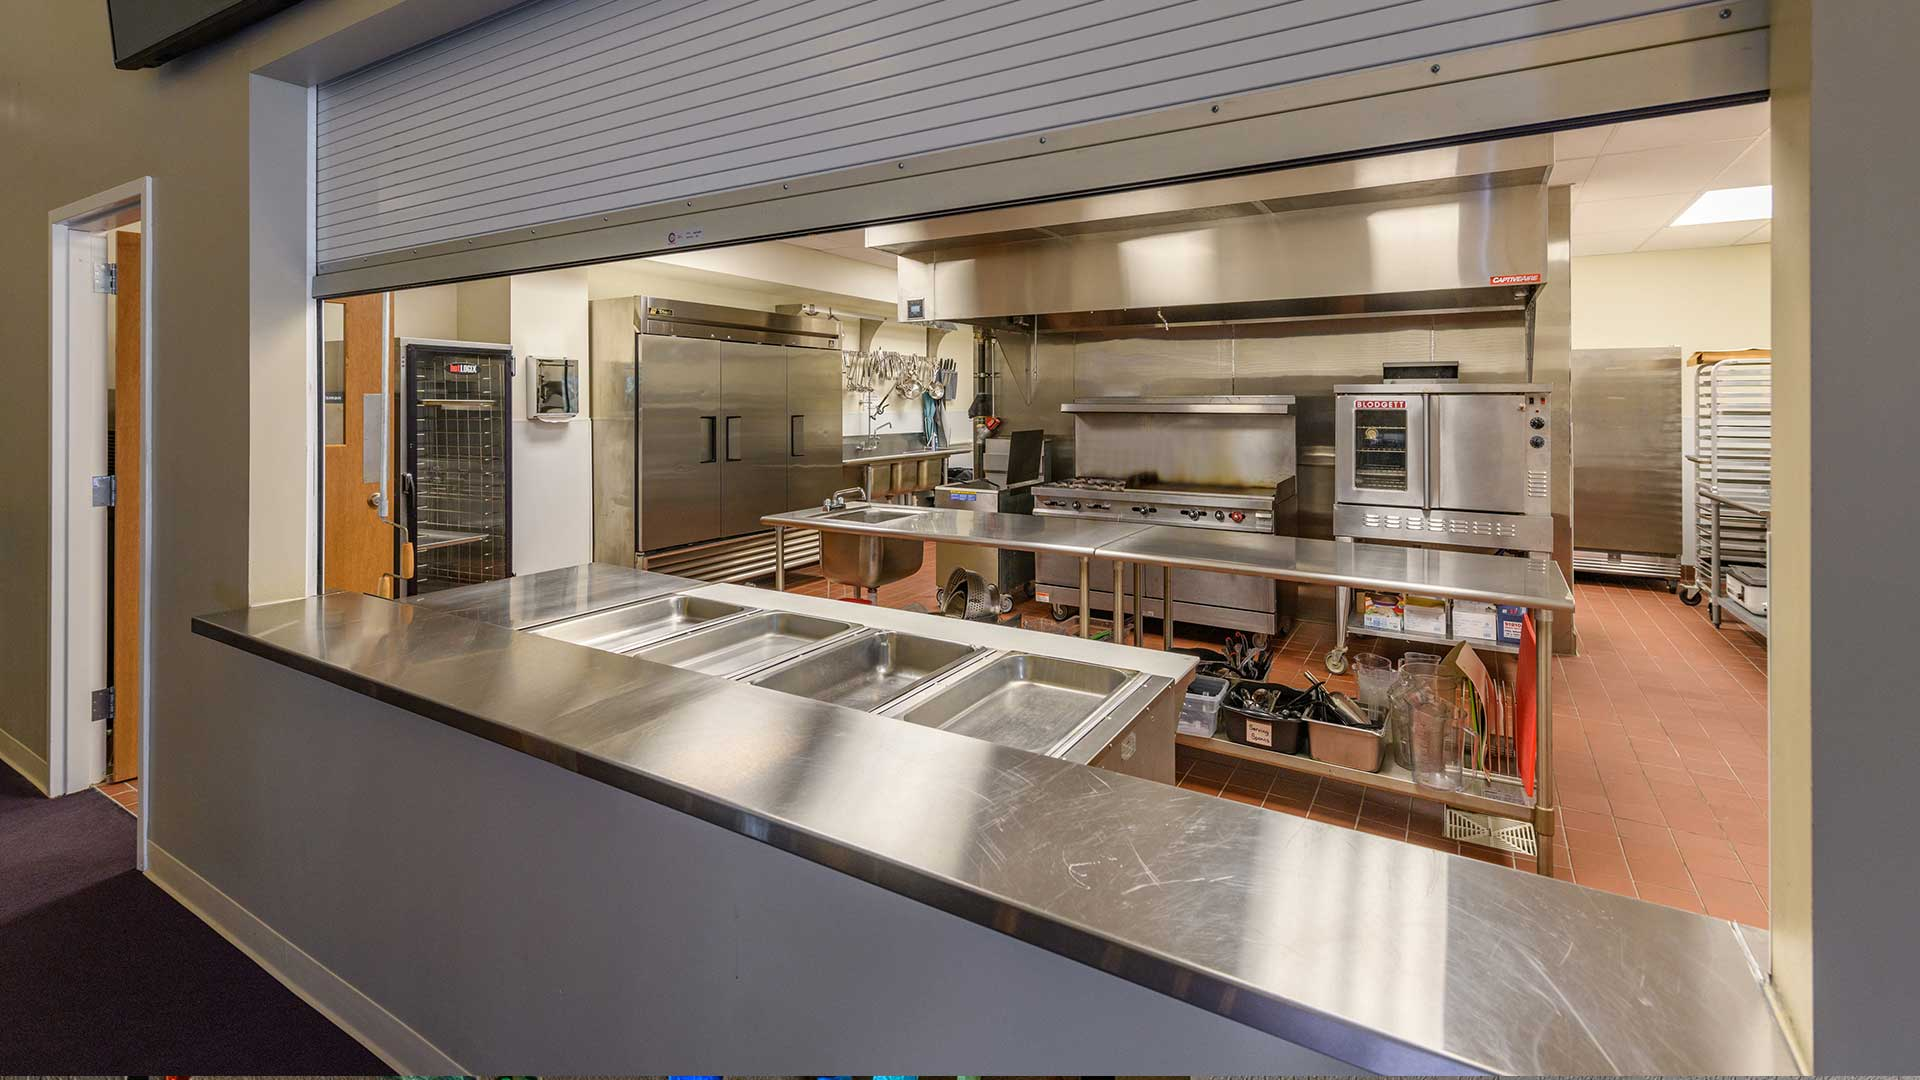 kitchenb-1.jpg